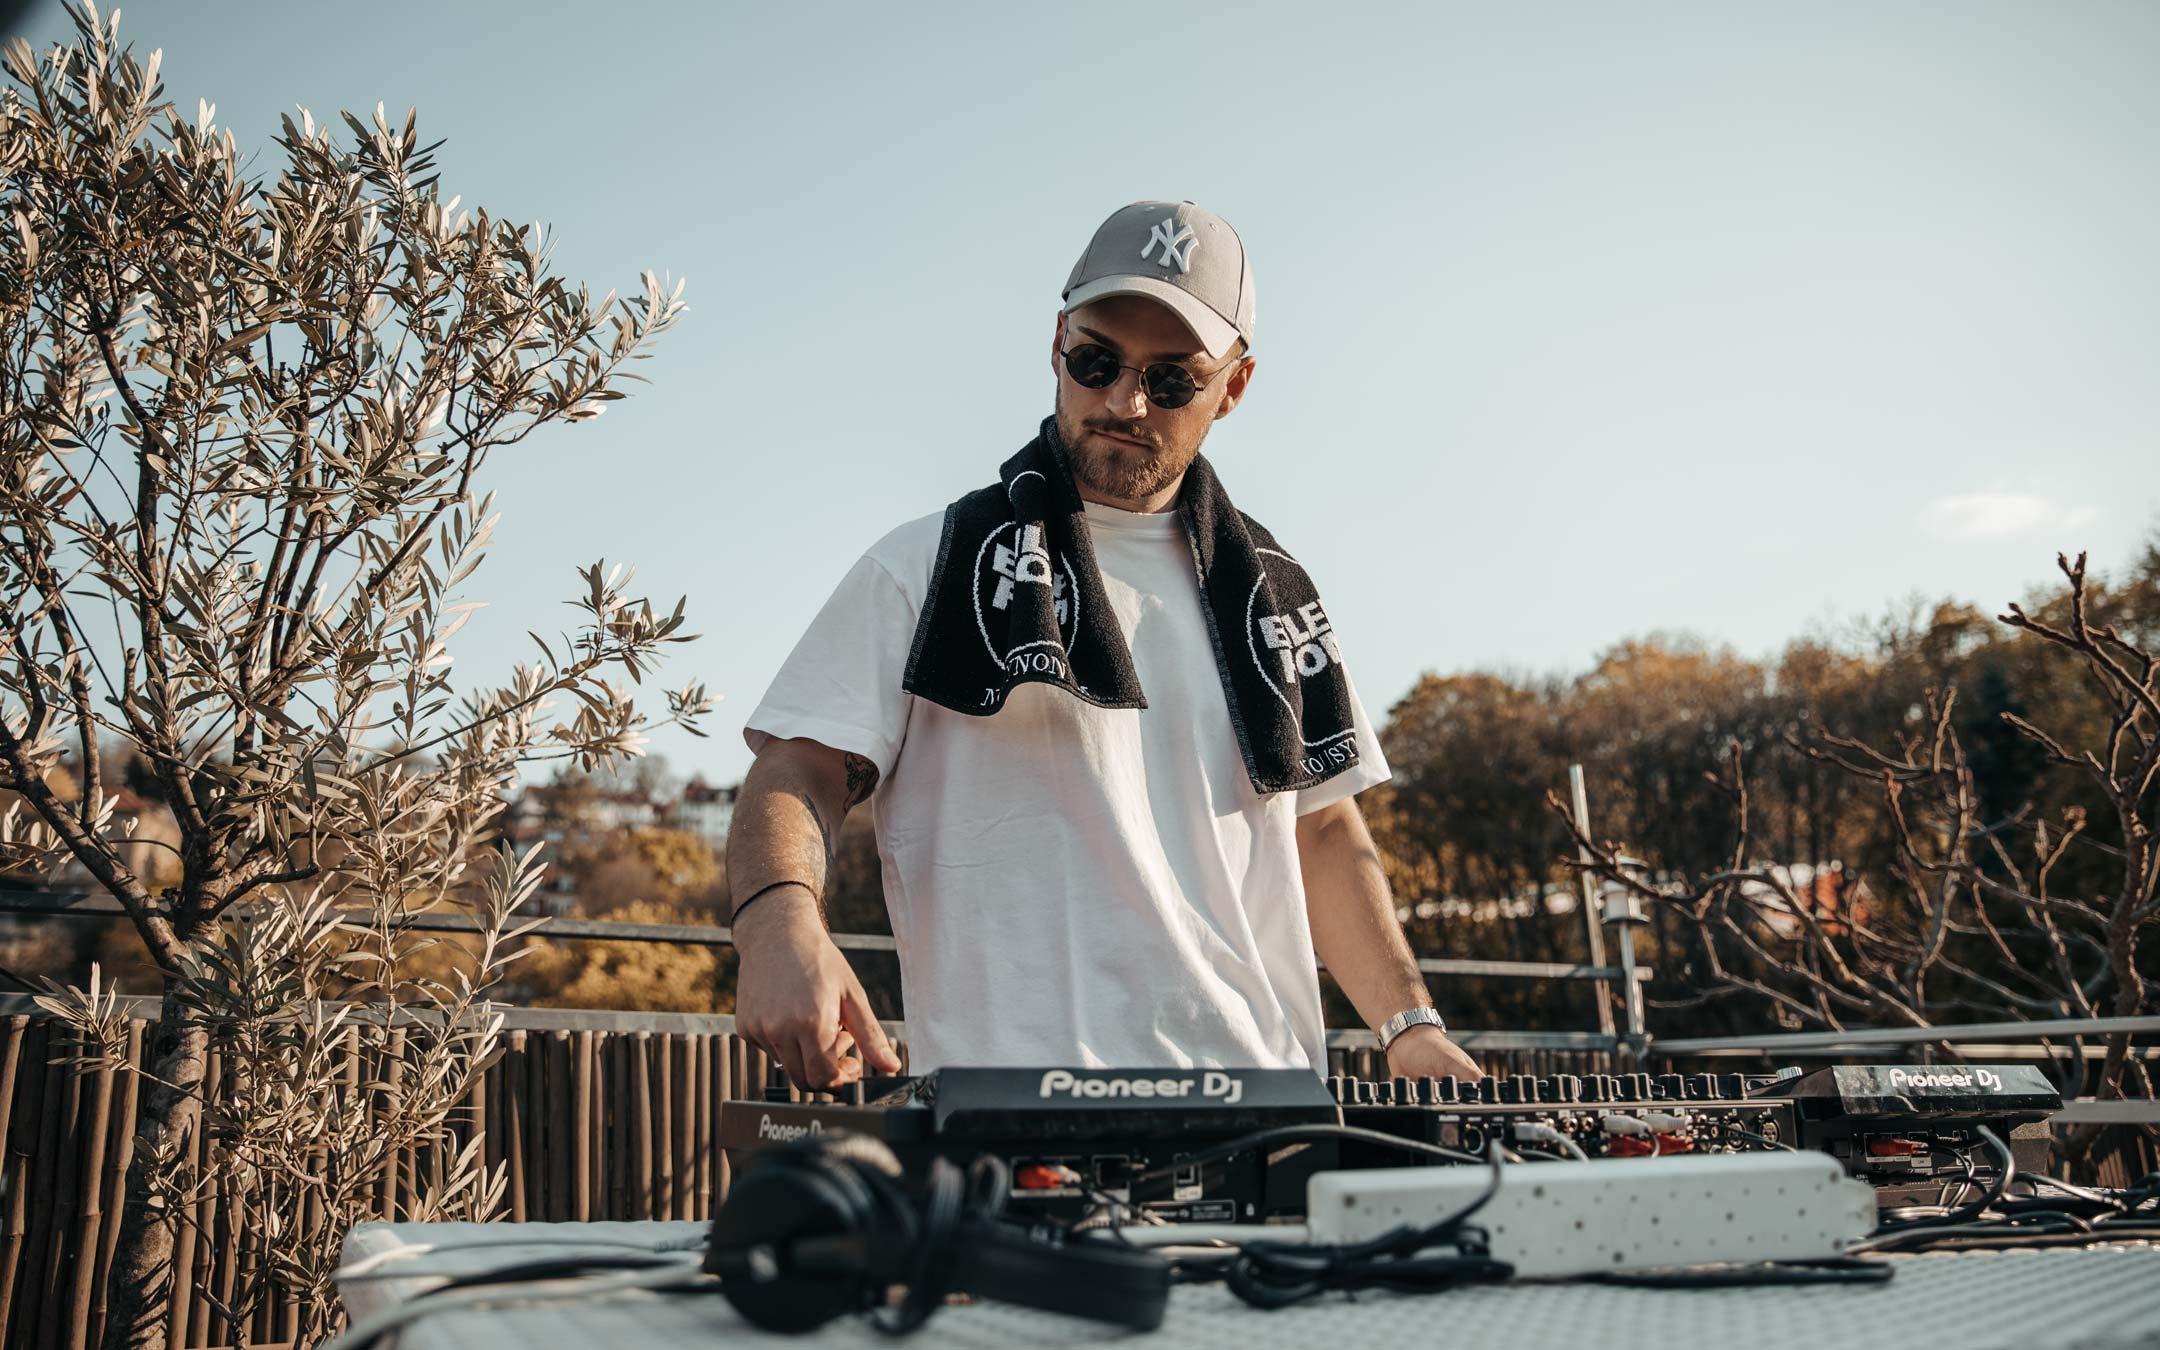 DJ-Rooftop-Live-Set-Pioneer-DJ-Videoproduktion-No_Synonym-Stuttgart-Mischpult